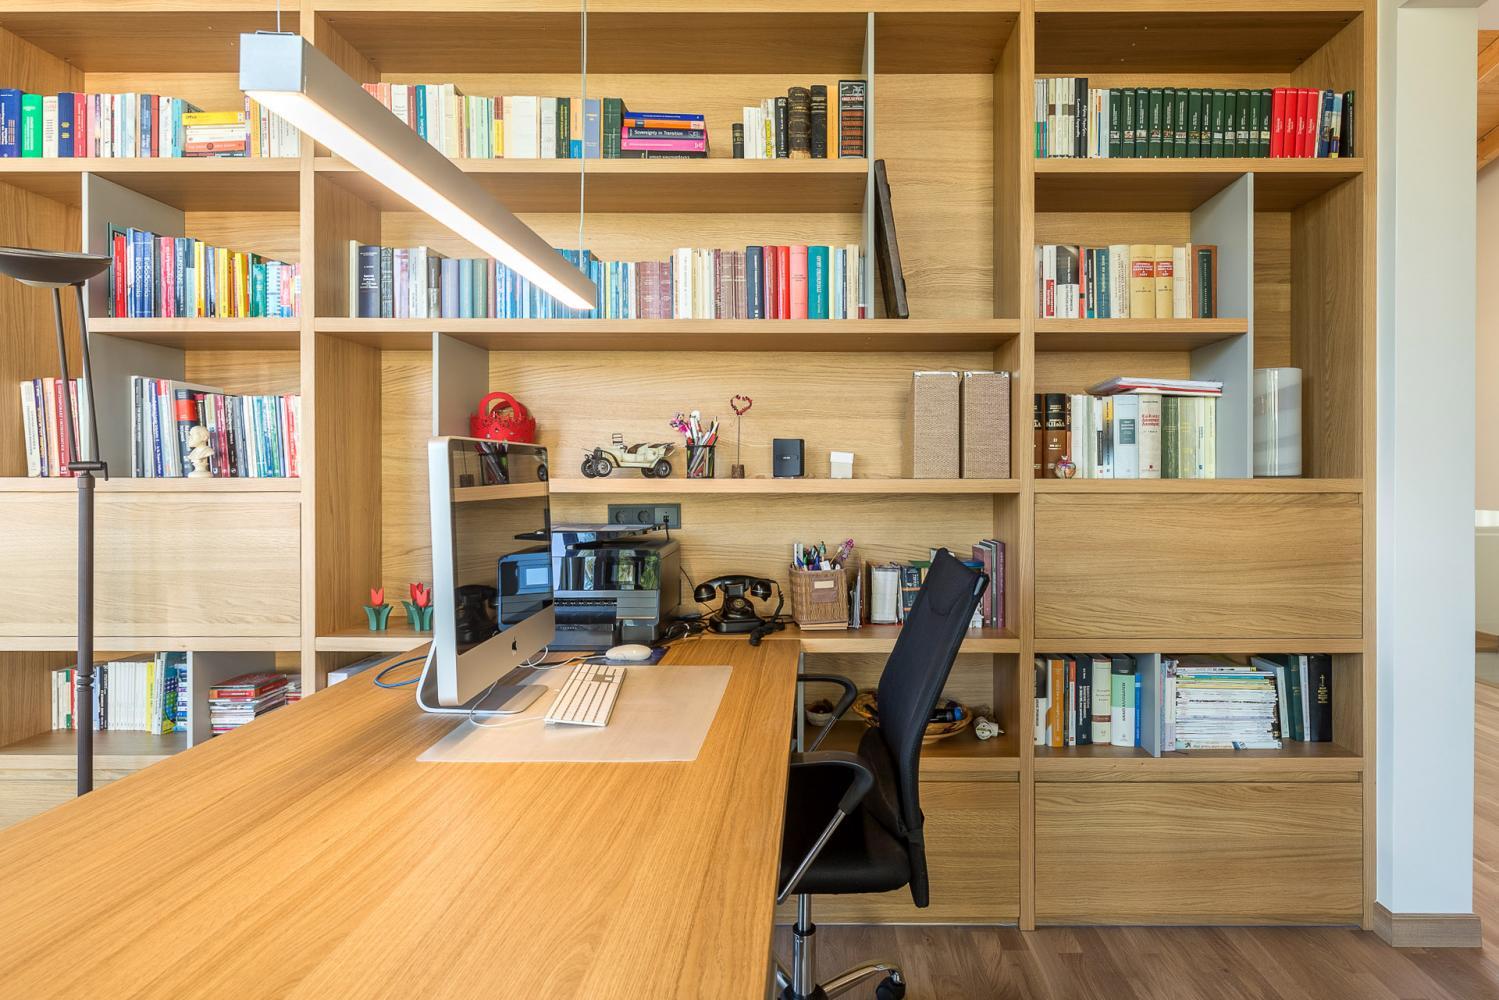 Ιδιωτική Κατοικία Νέο Ψυχικό - Image 5